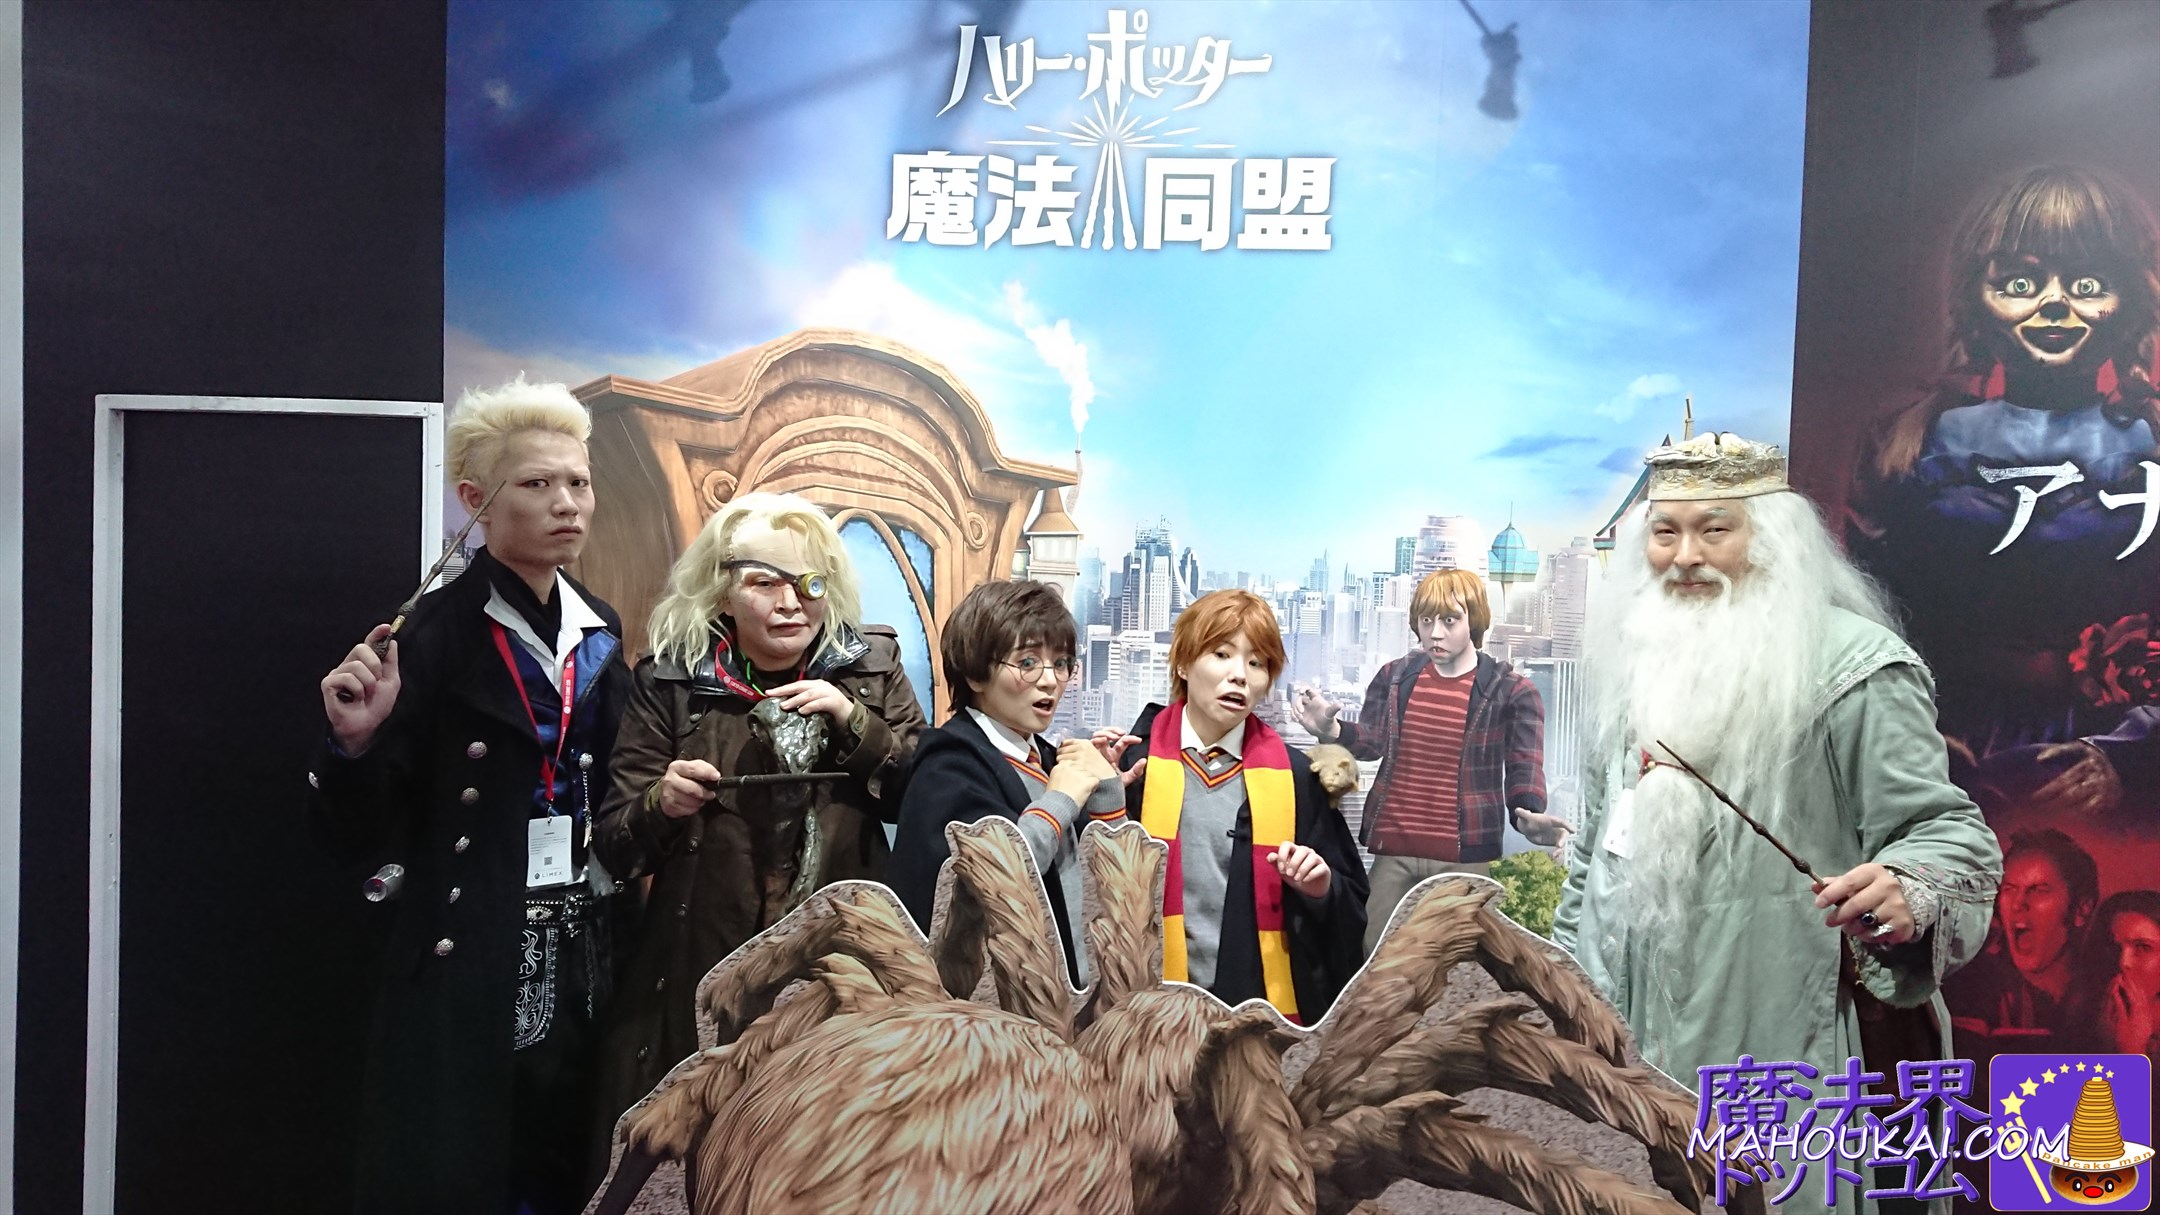 ハリーポッター魔法同盟の写真撮影スポット(東京コミコン2019)